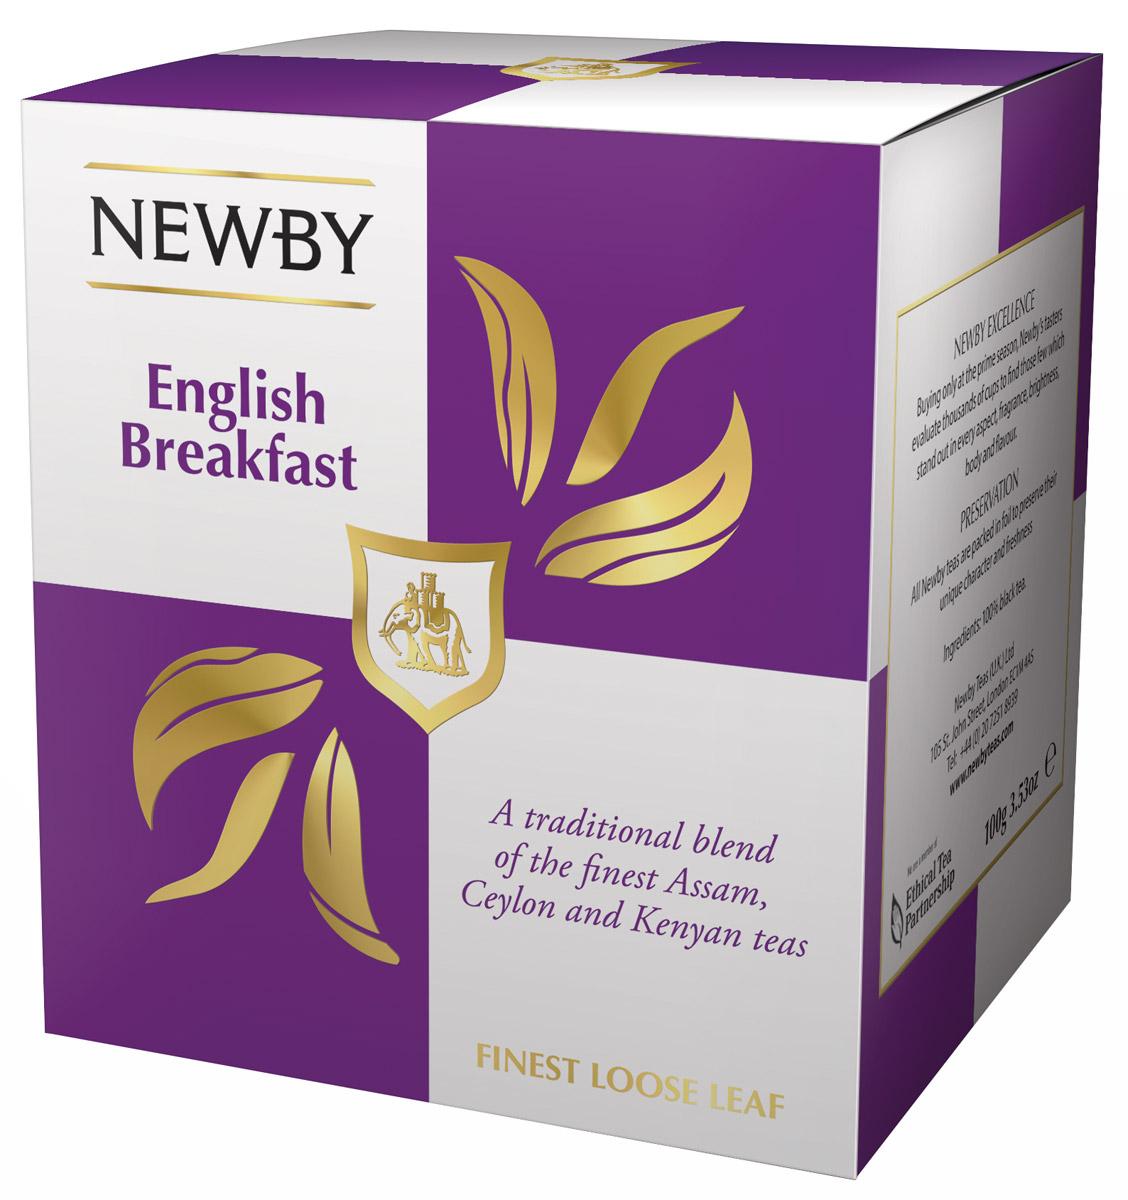 Newby English Breakfast черный листовой чай, 100 г101246Newby English Breakfast- популярная смесь черных сортов чая из Ассама, Цейлона и Кении. Сбалансированный терпкий солодовый вкус с приятными цитрусовыми и пряными нотками. Чашка крепкого чая насыщенного янтарного цвета и богатого вкуса идеальна для начала дня.